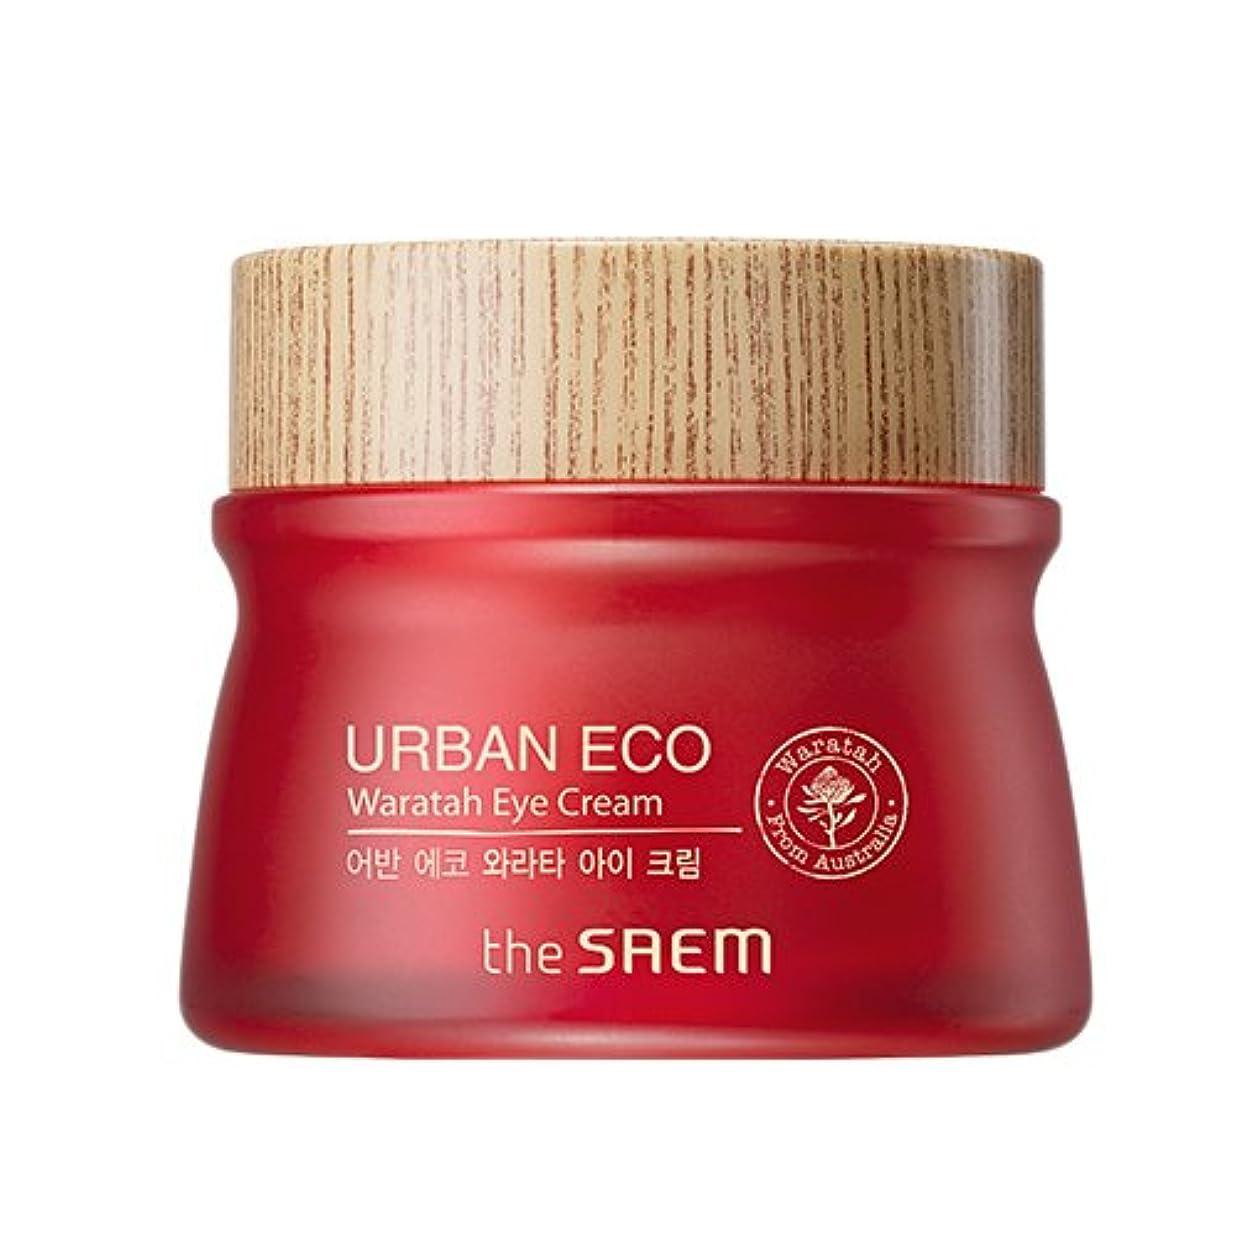 溶融セットするストライドドセム アーバンエコワラターアイクリーム 30ml Urban Eco Waratah Eye Cream [並行輸入品]